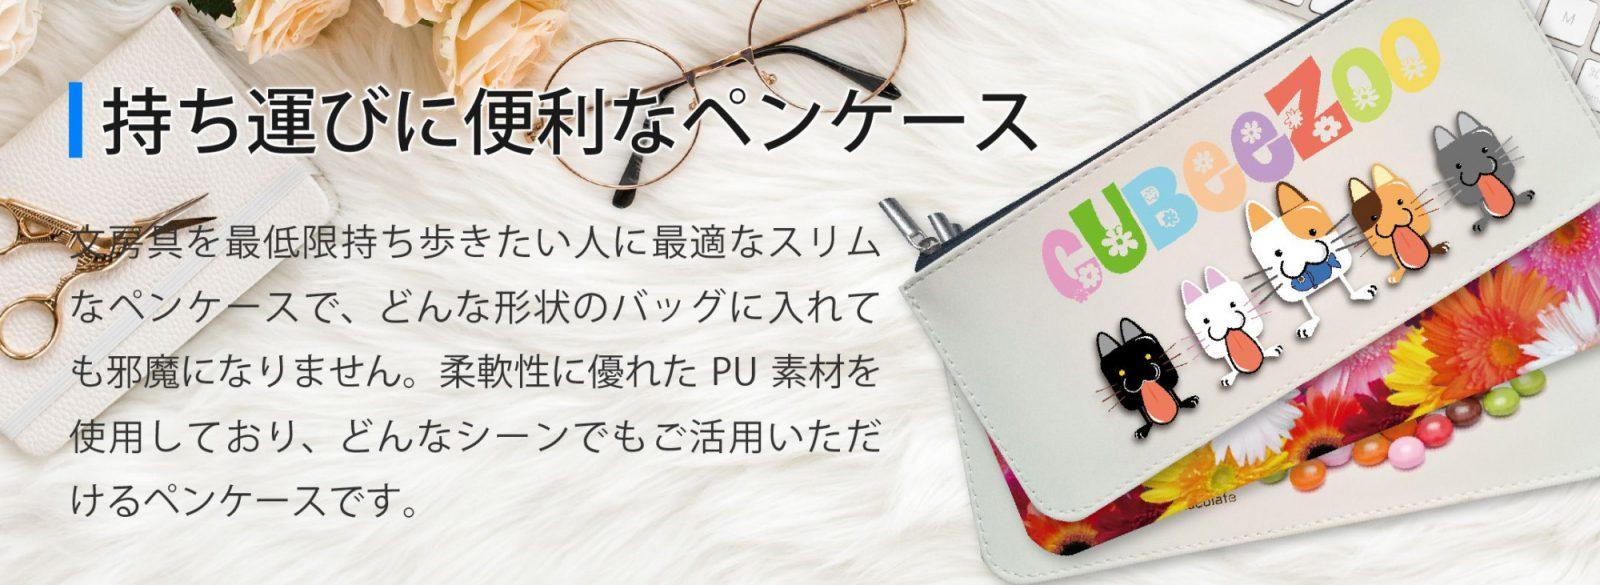 文房具を最低限持ち歩きたい人に最適なスリムなペンケースで、どんな形状のバッグに入れても邪魔になりません。柔軟性に優れたPU素材を使用しており、どんなシーンでもご活用いただけるペンケースです。